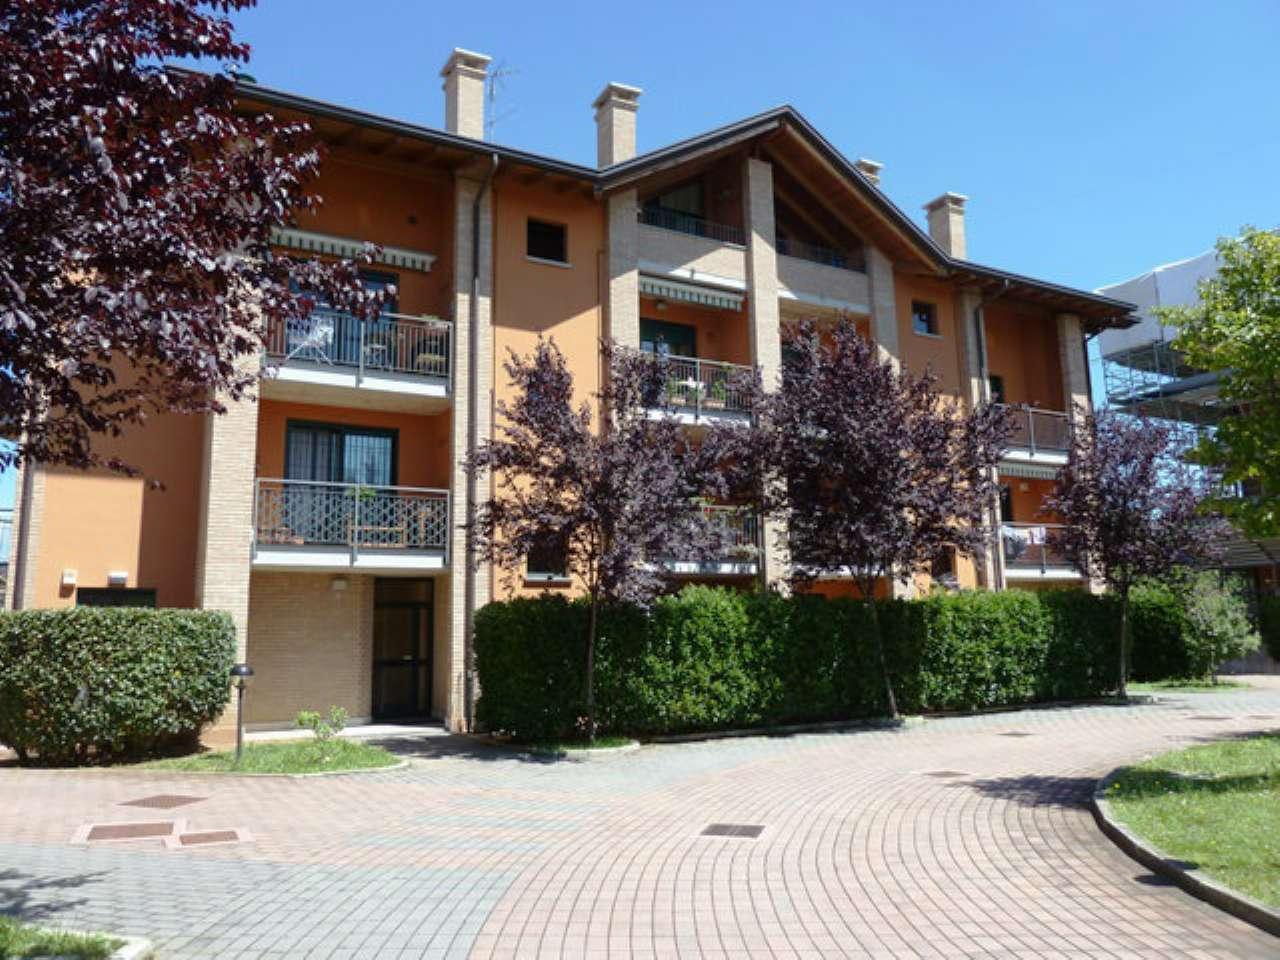 Attico / Mansarda in affitto a Gerenzano, 2 locali, prezzo € 500 | CambioCasa.it